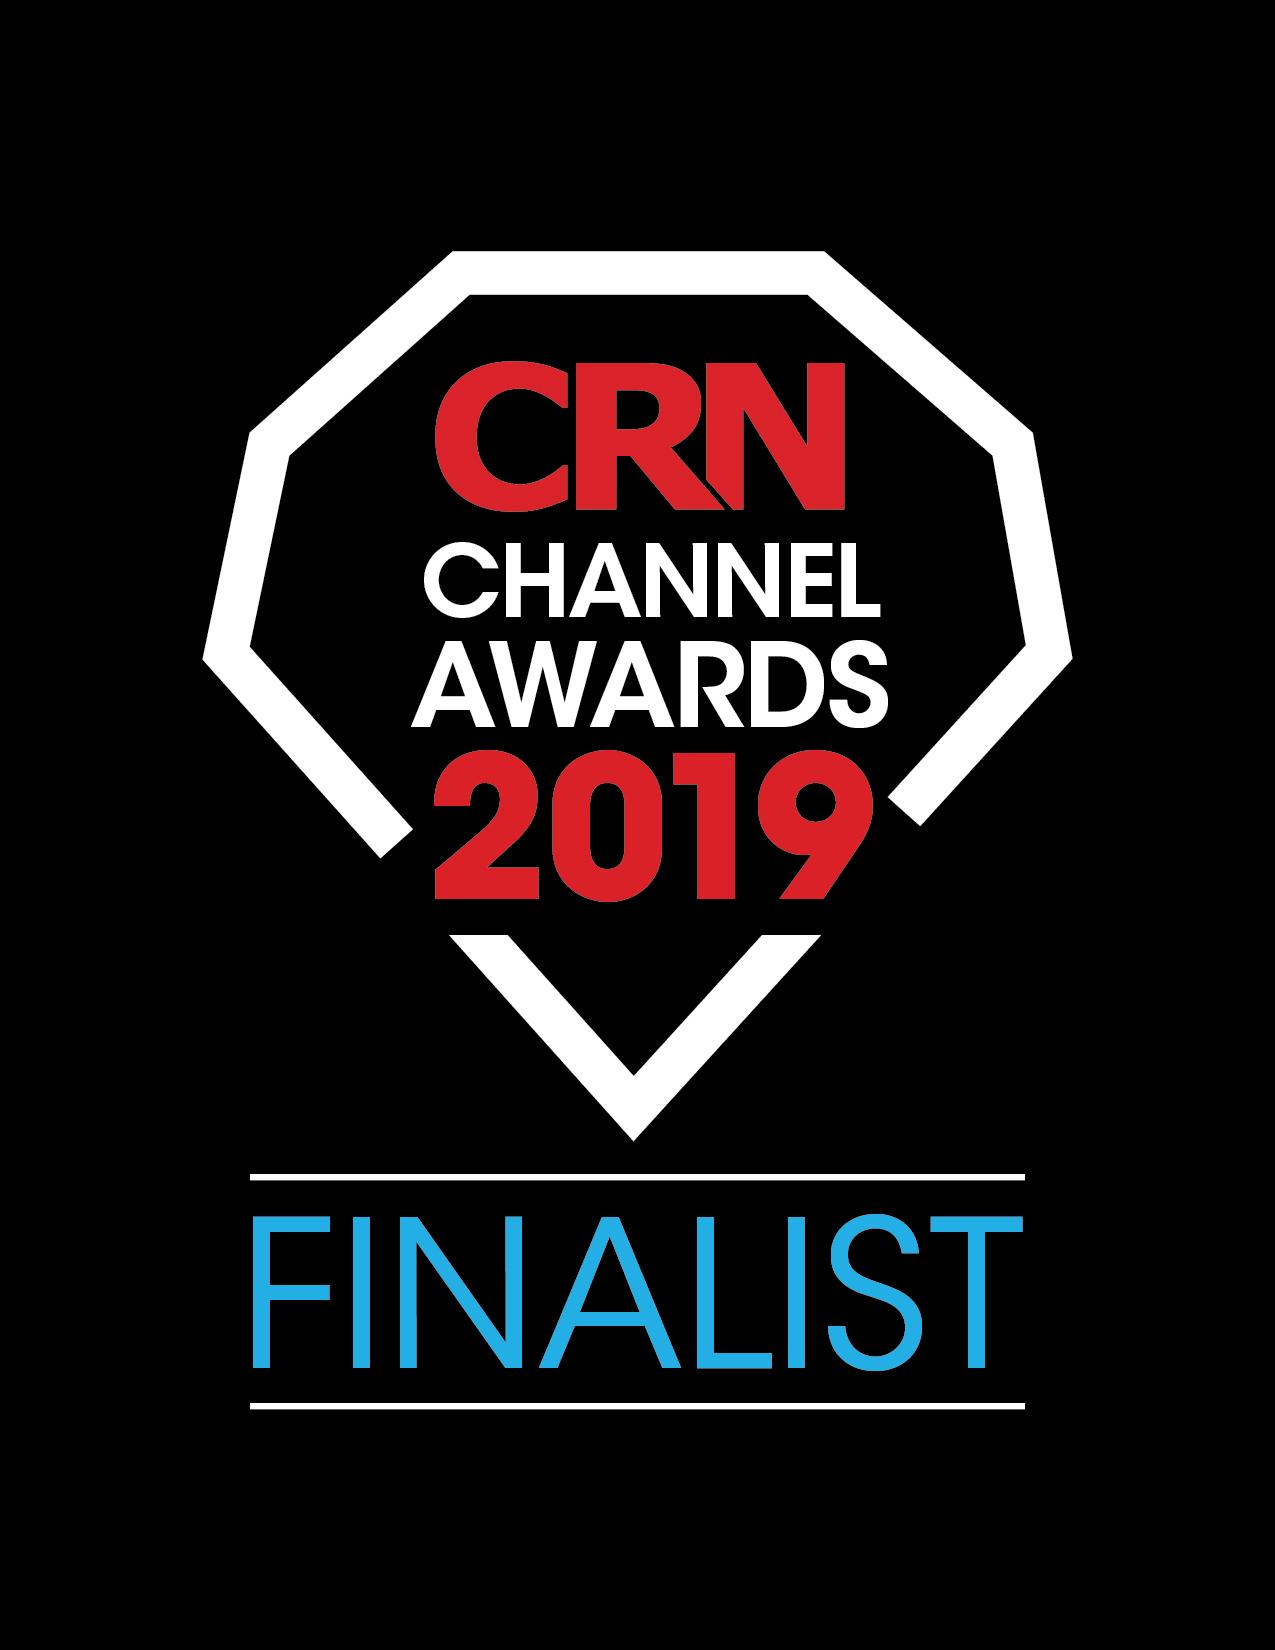 CRN Awards 2019